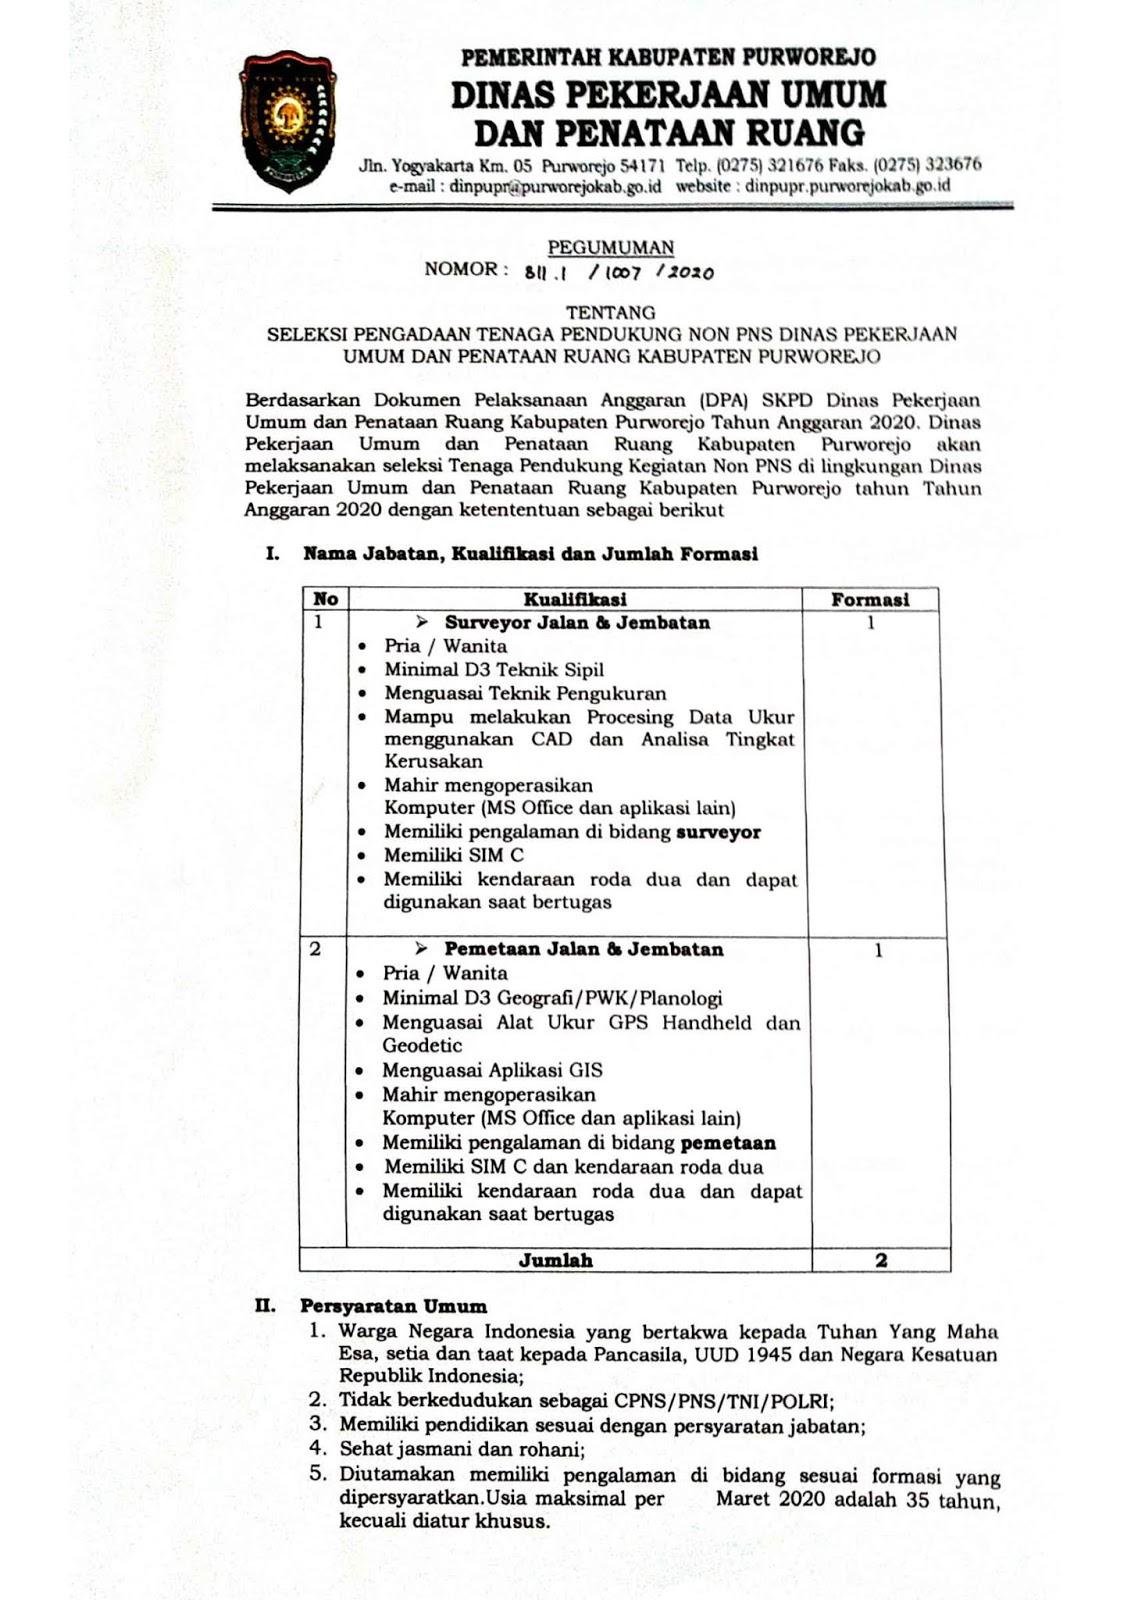 Rekrutmen Tenaga Pendukung Non PNS Dinas Pekerjaan Umum dan Penataan Ruang Bulan Maret 2020